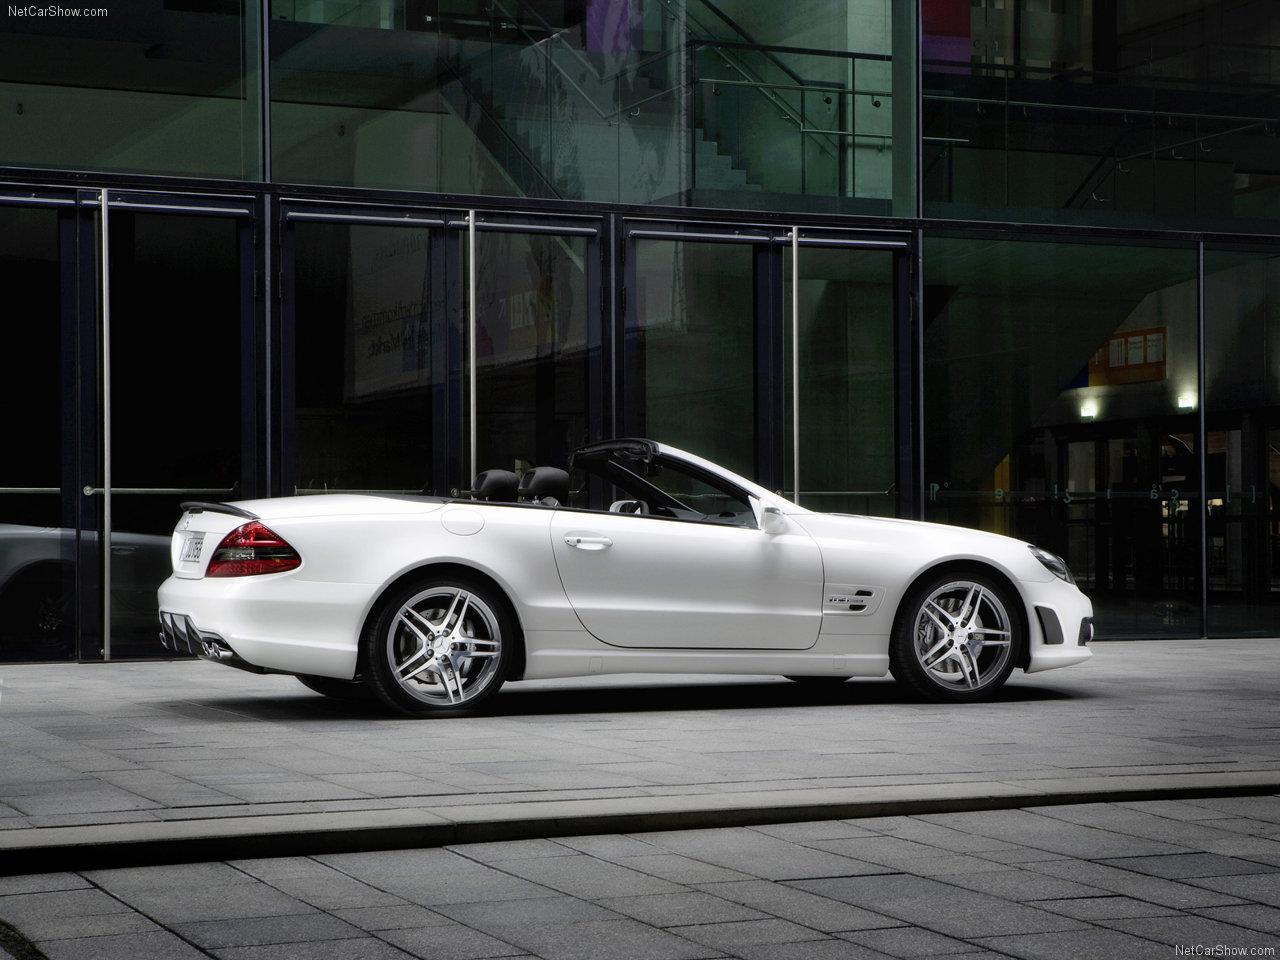 http://2.bp.blogspot.com/-OF1G-whumCQ/TWYQhfQMAfI/AAAAAAACLDE/JgjwYQzNHJs/s1600/Mercedes-Benz-SL_63_AMG_Edition_IWC_2009_1280x960_wallpaper_05.jpg